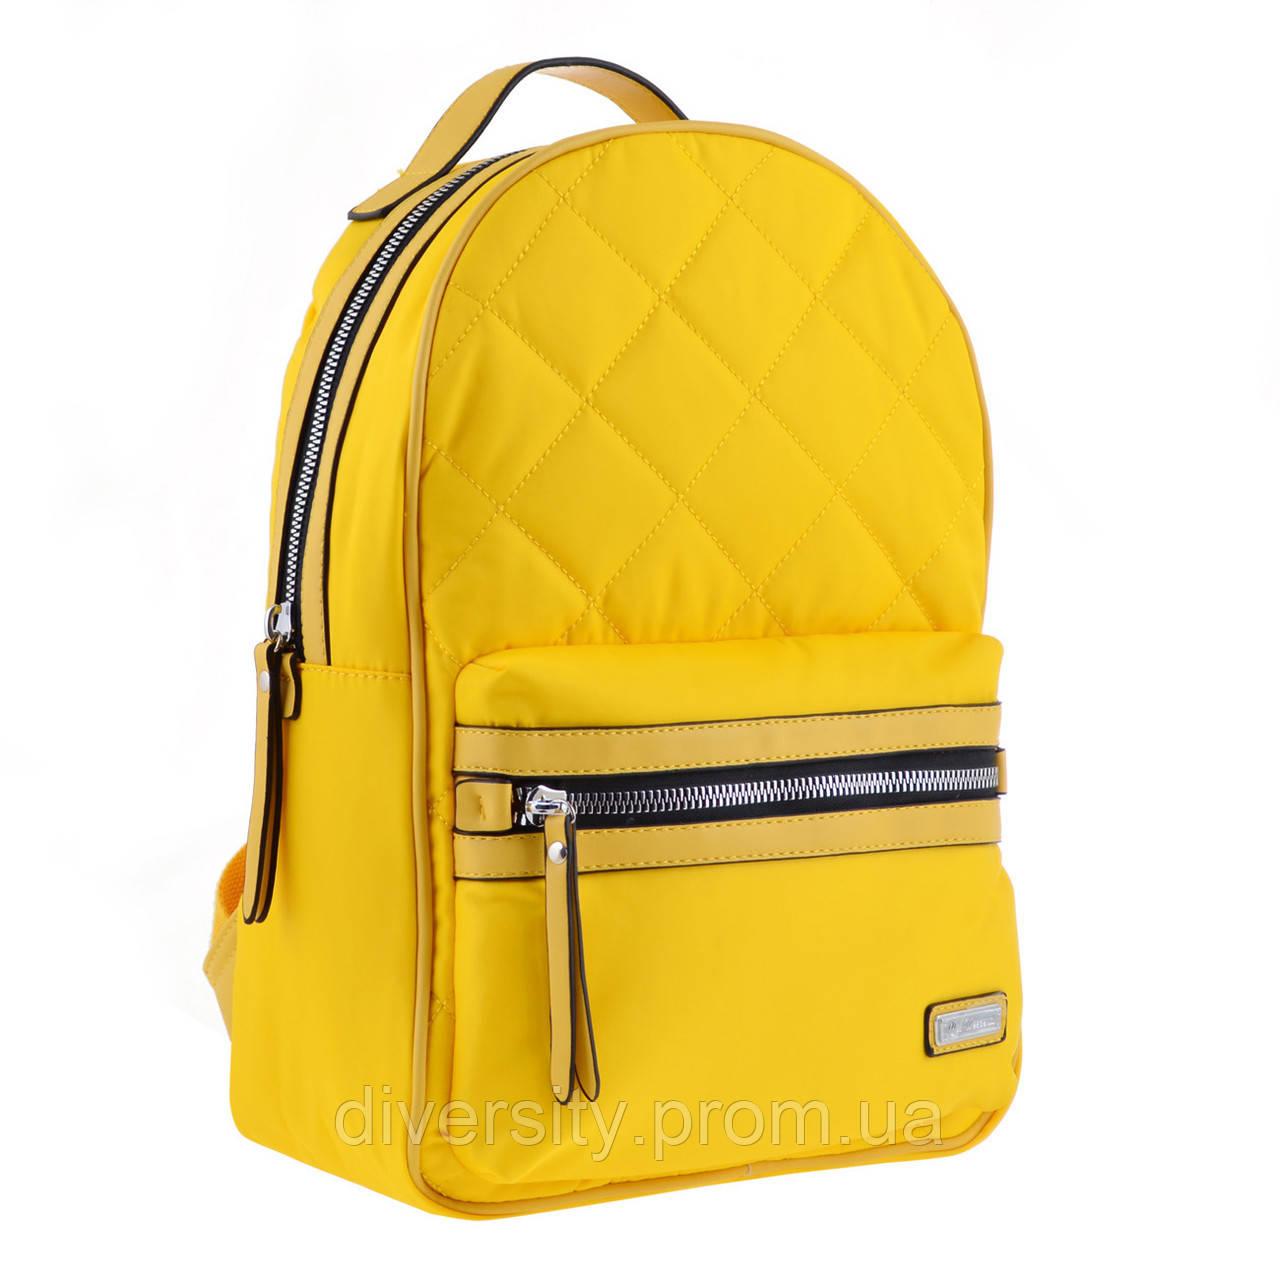 Женский рюкзак YES YW-45 «Tutti» желтый